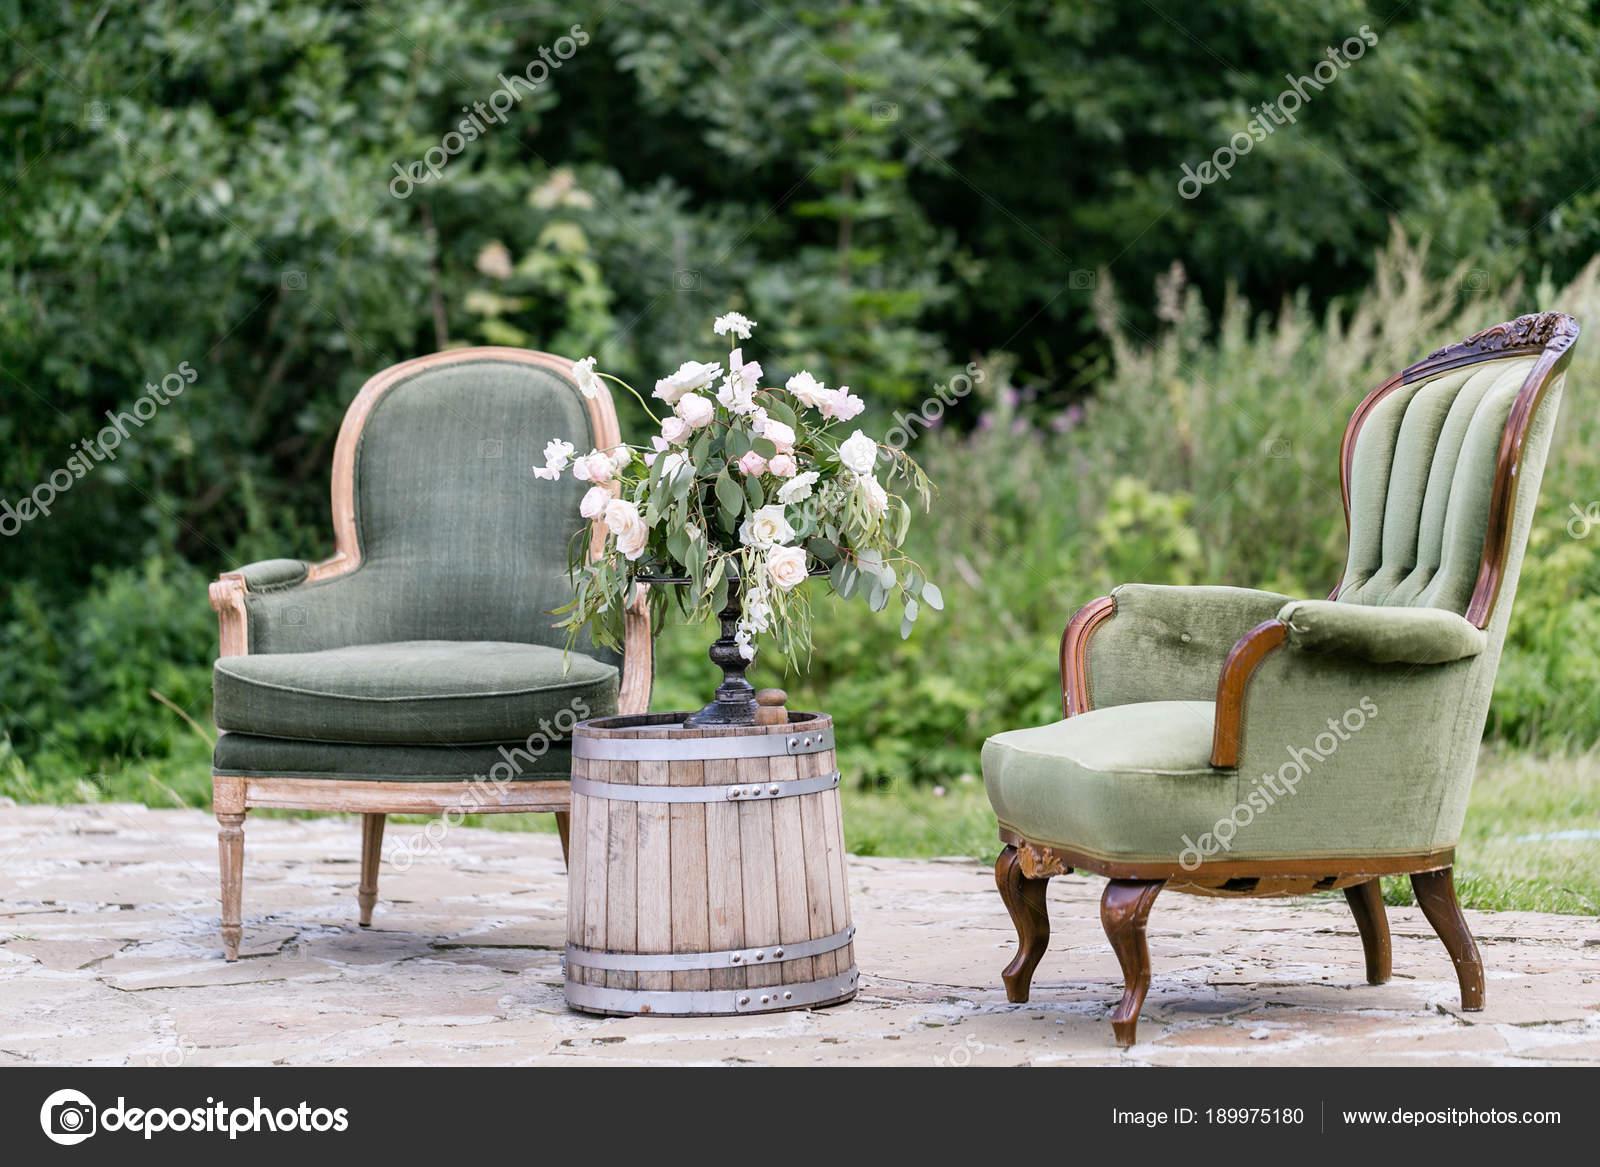 Sedie Depoca : Sedie d epoca in legno e tavolo con decorazione floreale in